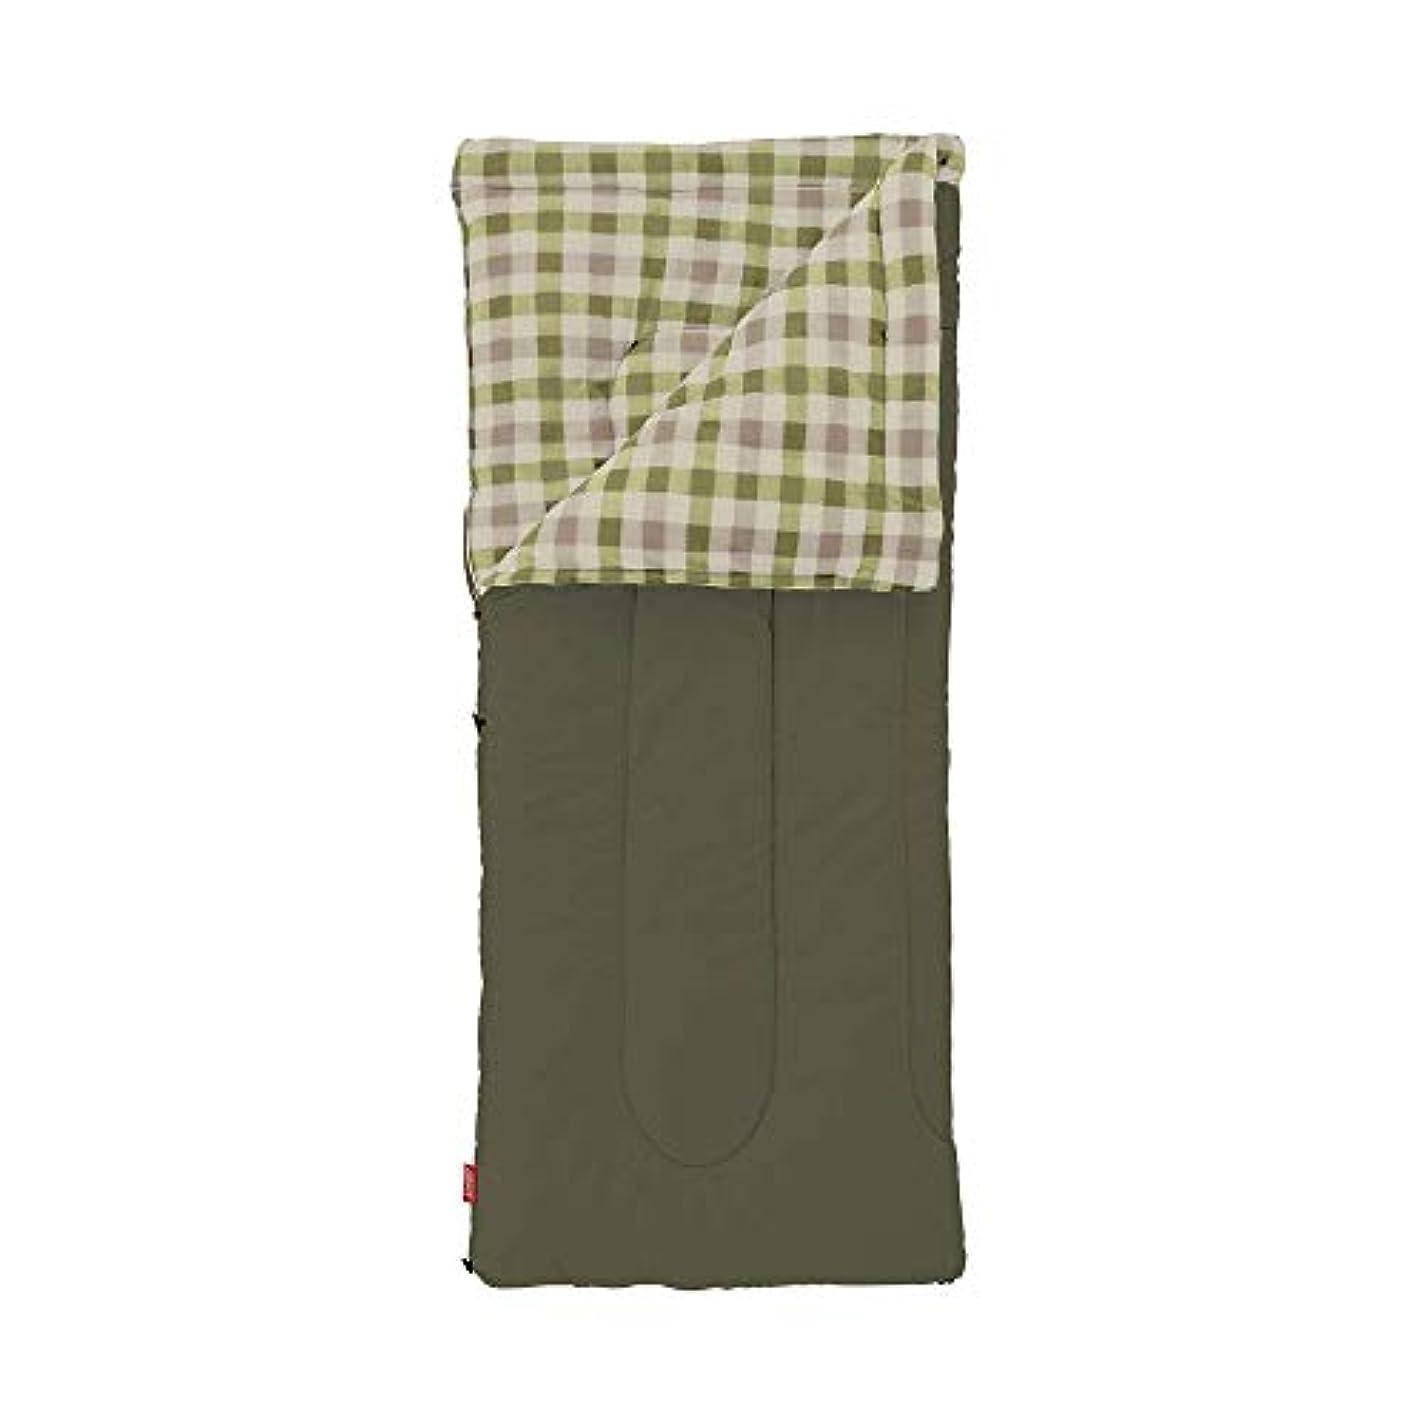 腸ナット請求可能コールマン(Coleman) 寝袋 フリースEZキャリー C0 使用可能温度0度 封筒型 オリーブリーフ 2000033802